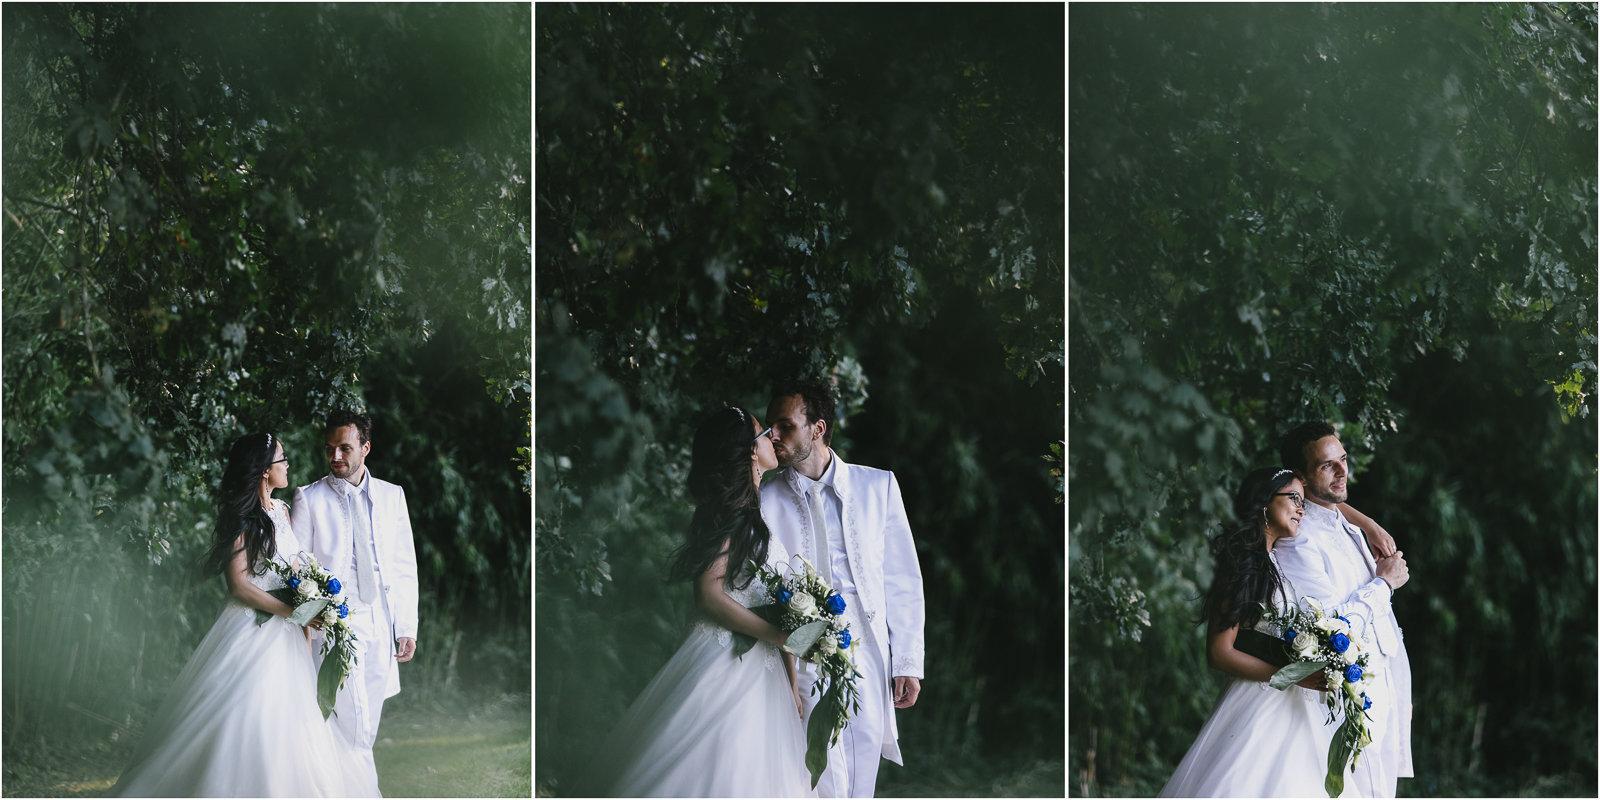 Photographe mariage la baule (9 of 12).jpg